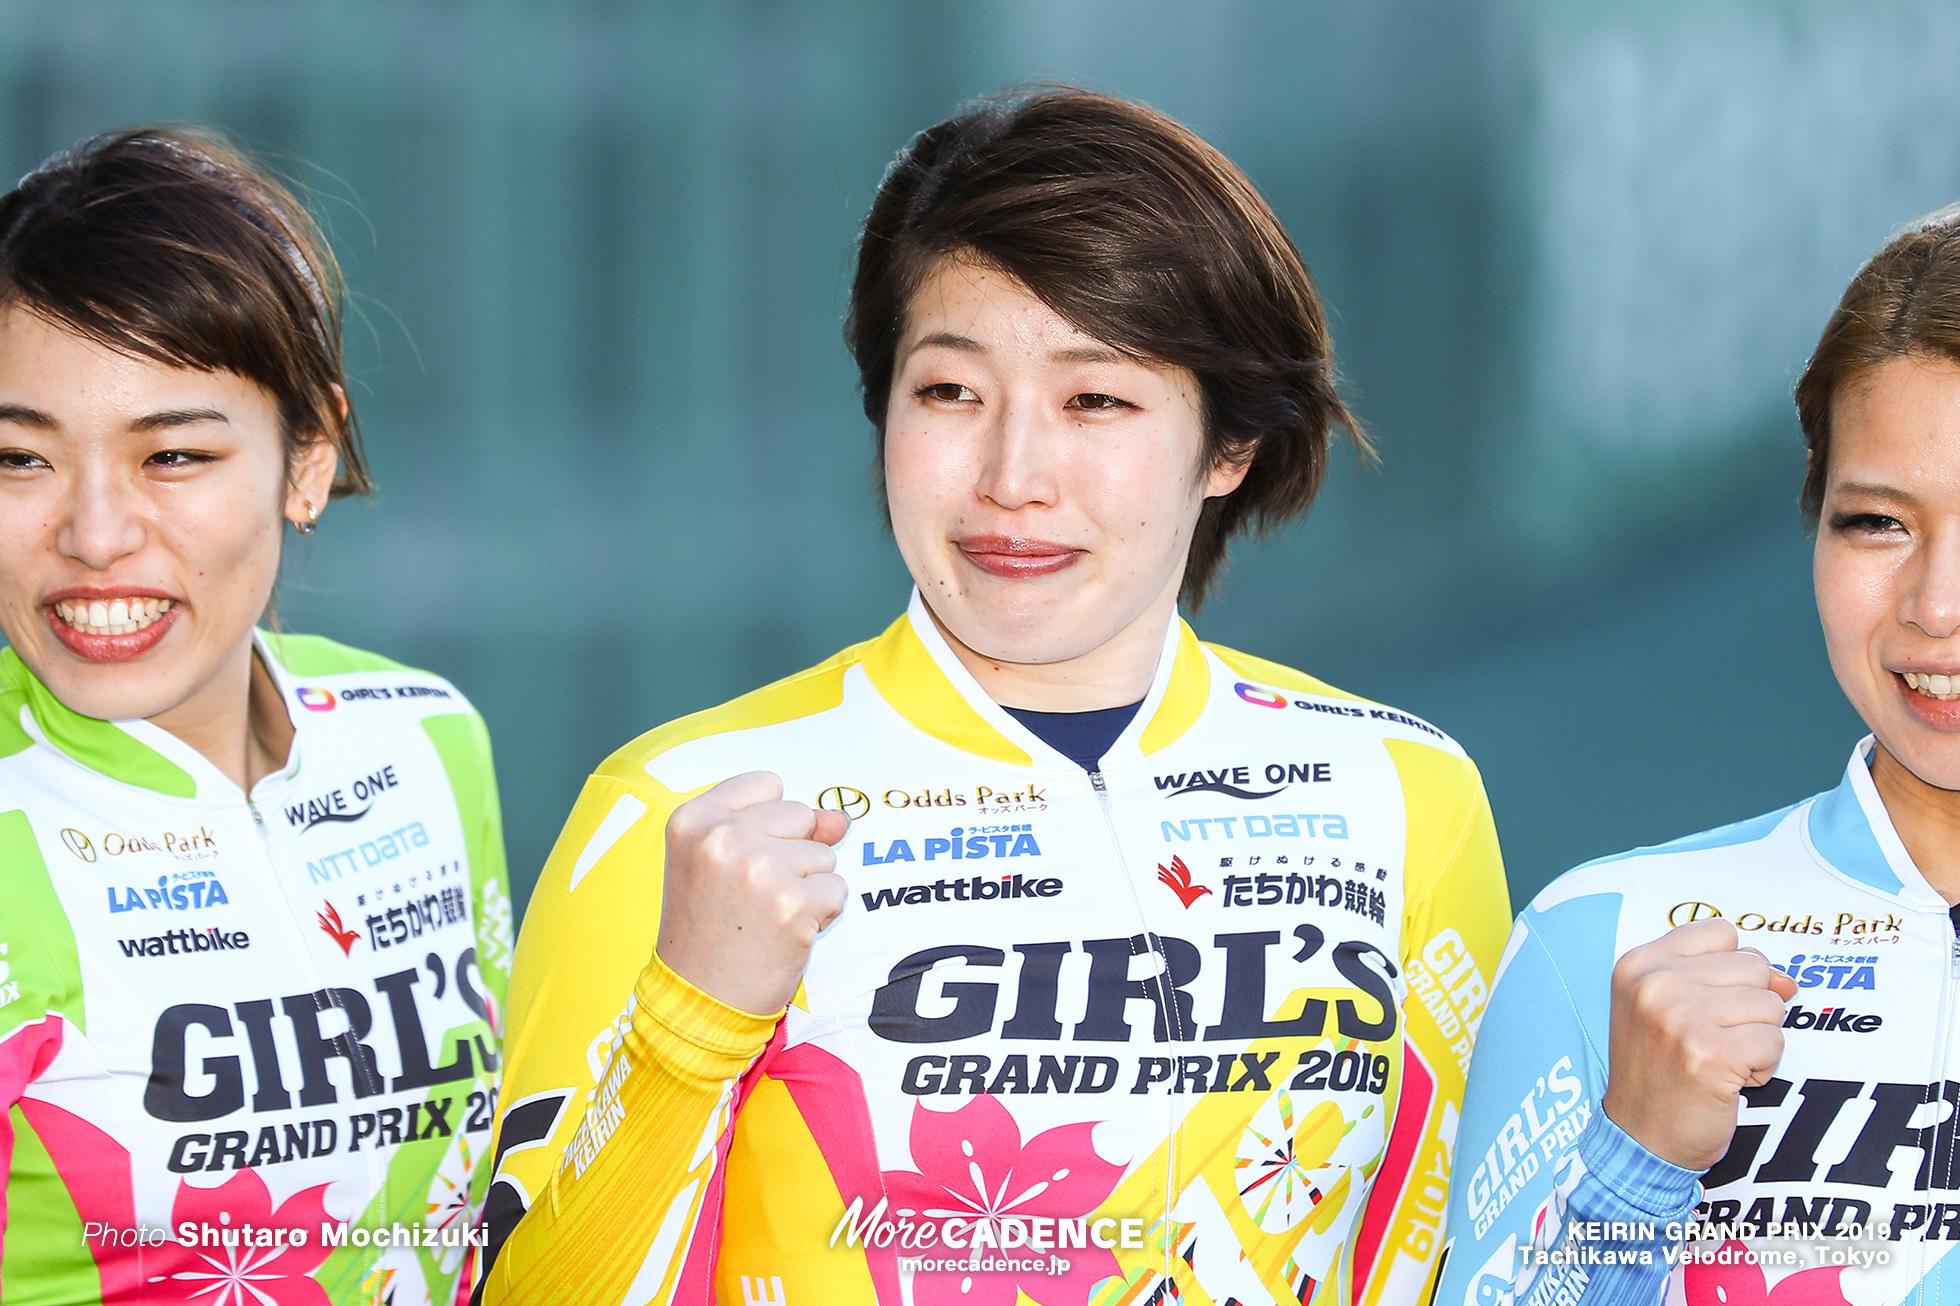 石井貴子 KEIRINグランプリ2019 ガールズグランプリ 前検日